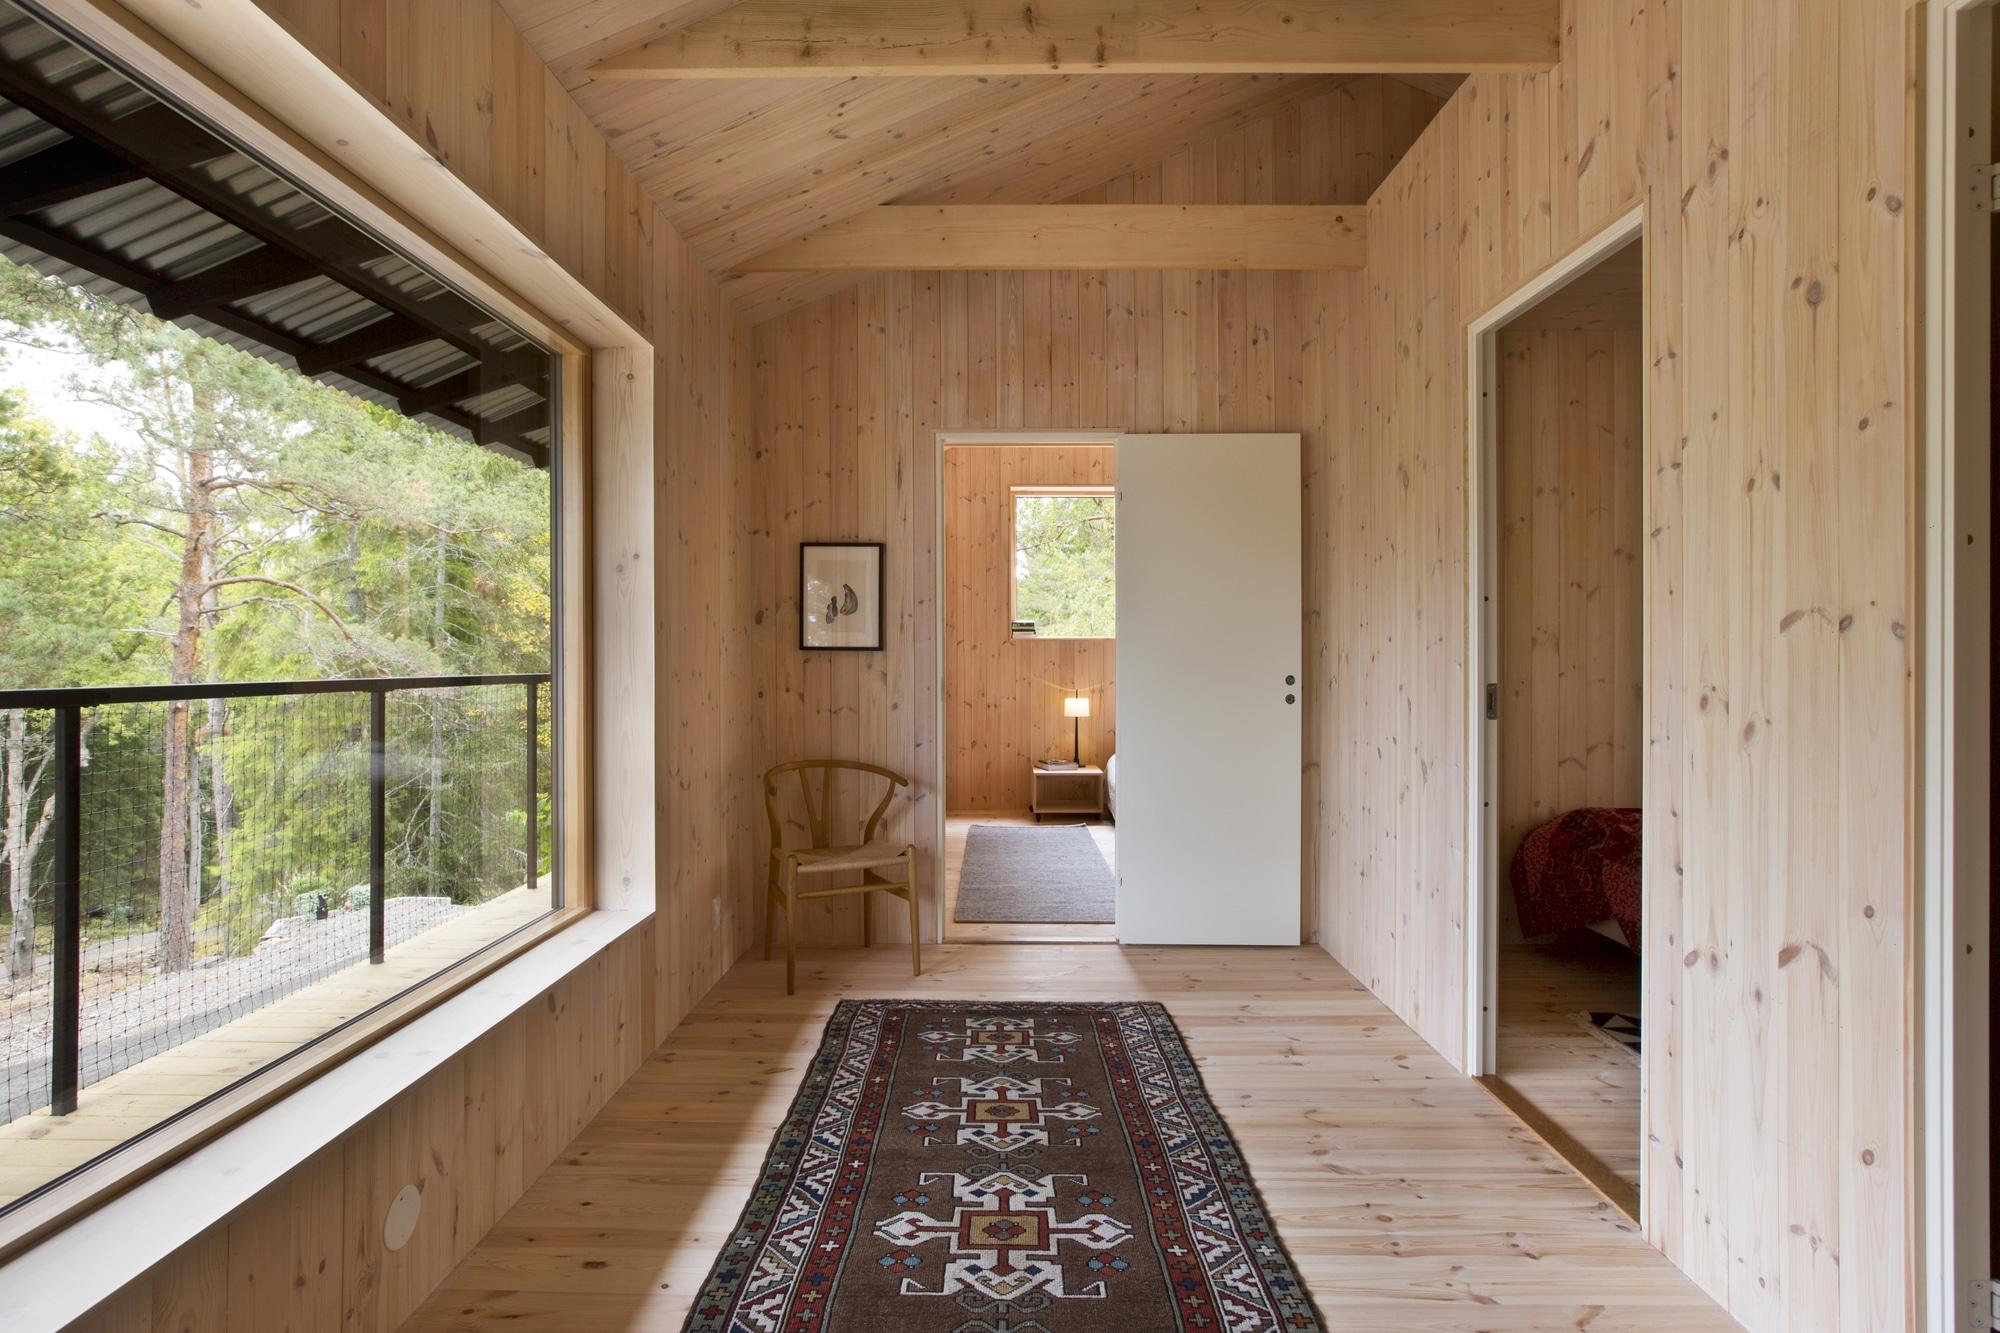 Dise o de casa peque a de madera fachada planos for Diseno de la casa interior